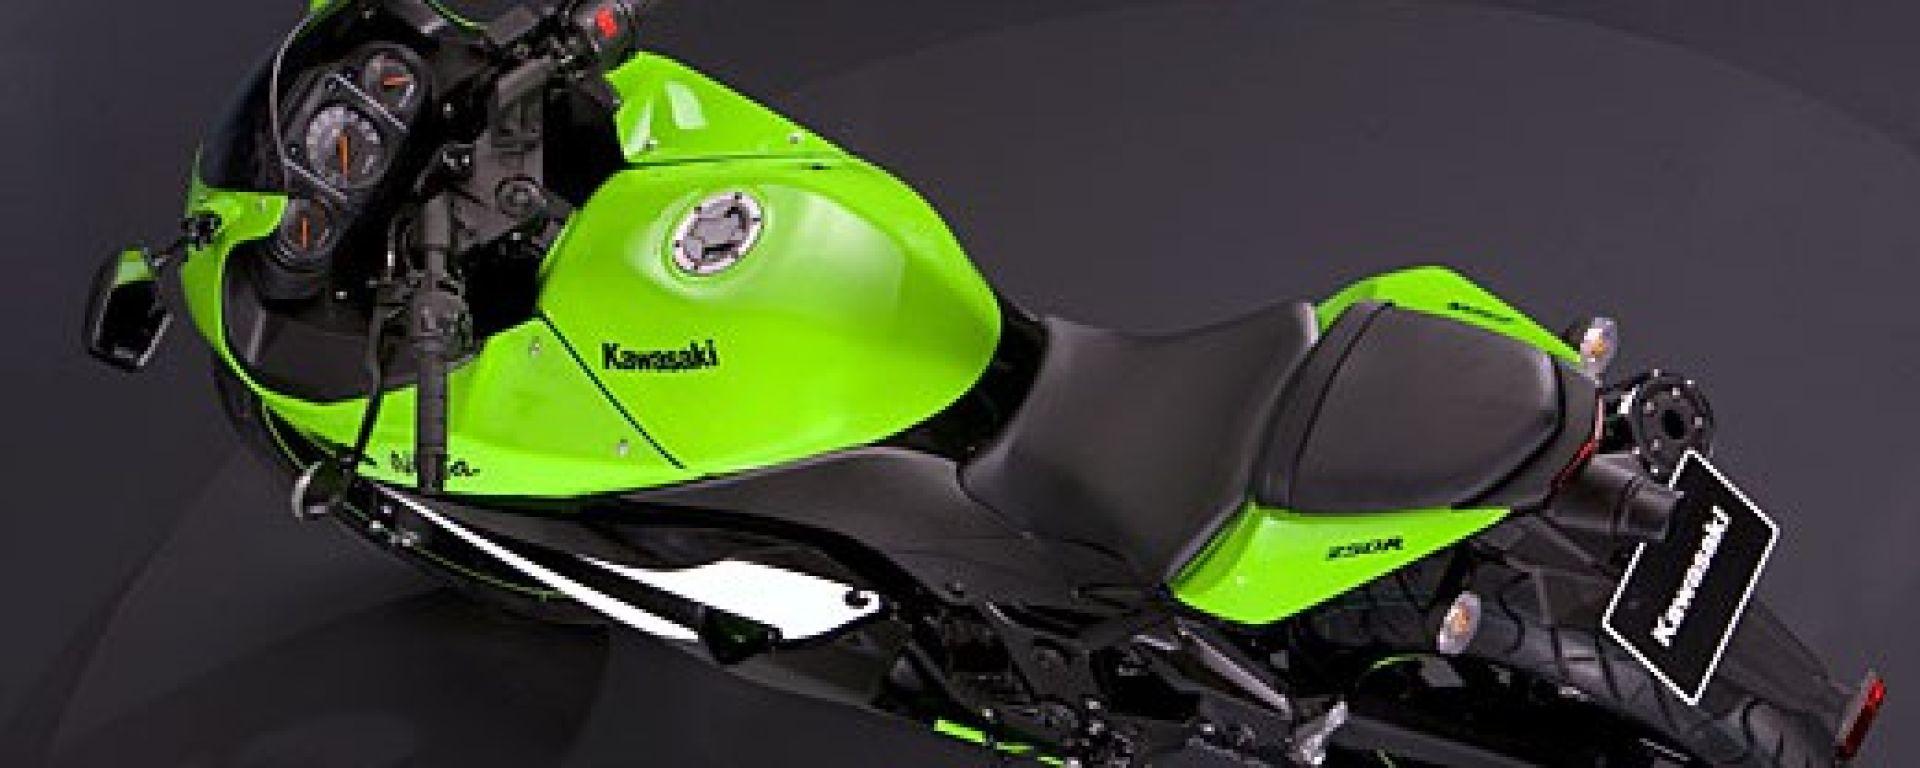 Kawasaki Special Edition